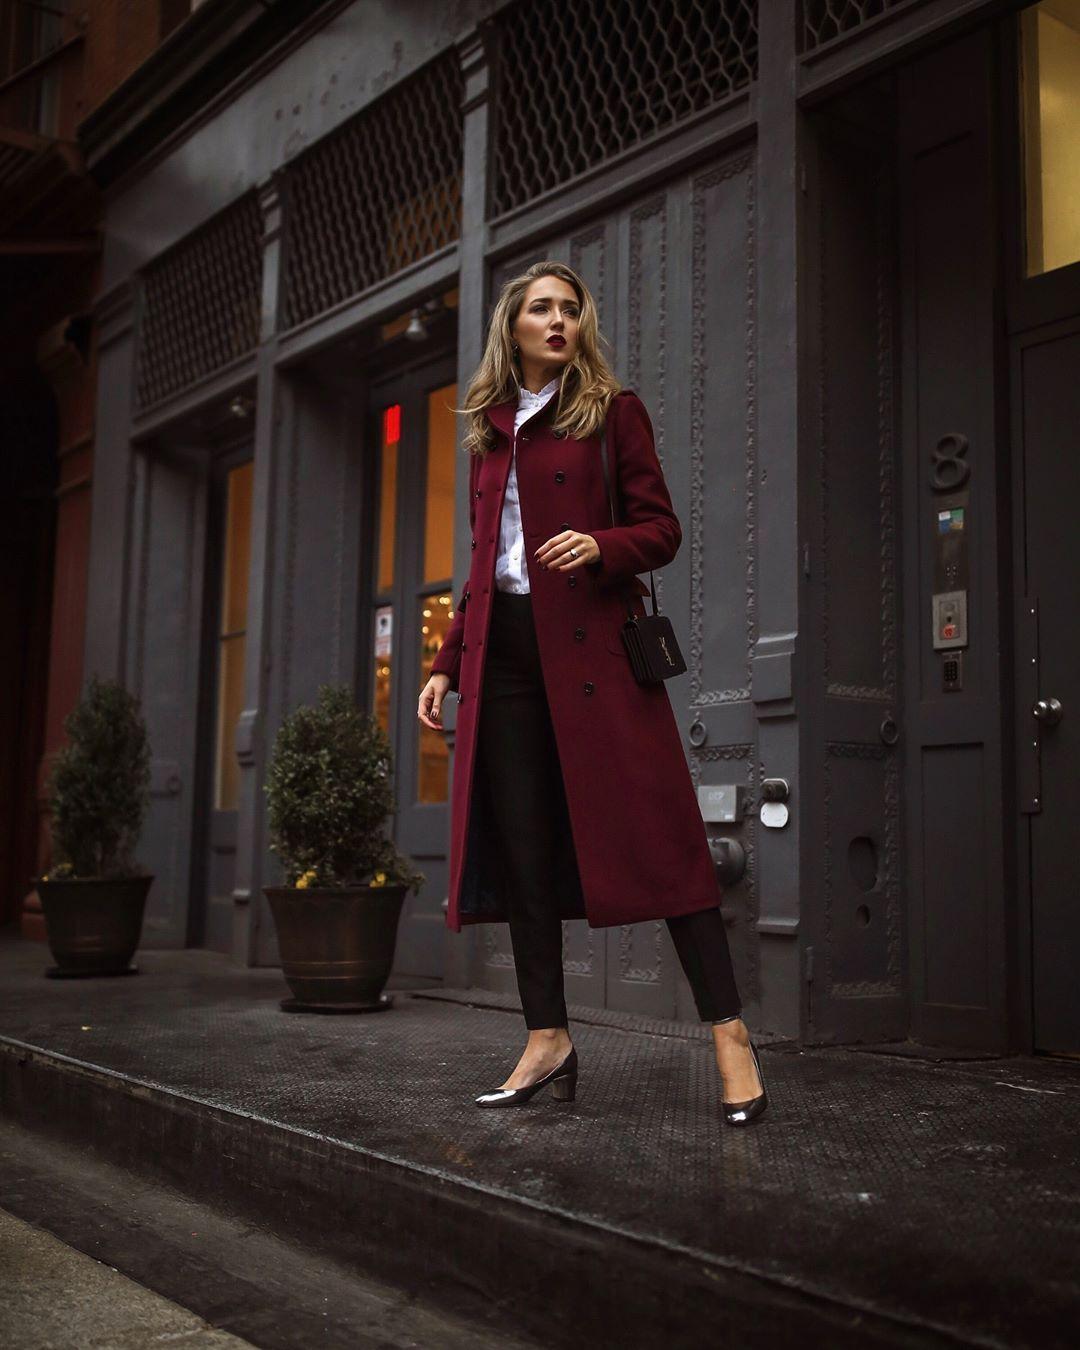 модные образы для деловых женщин осени 2019 фото 14